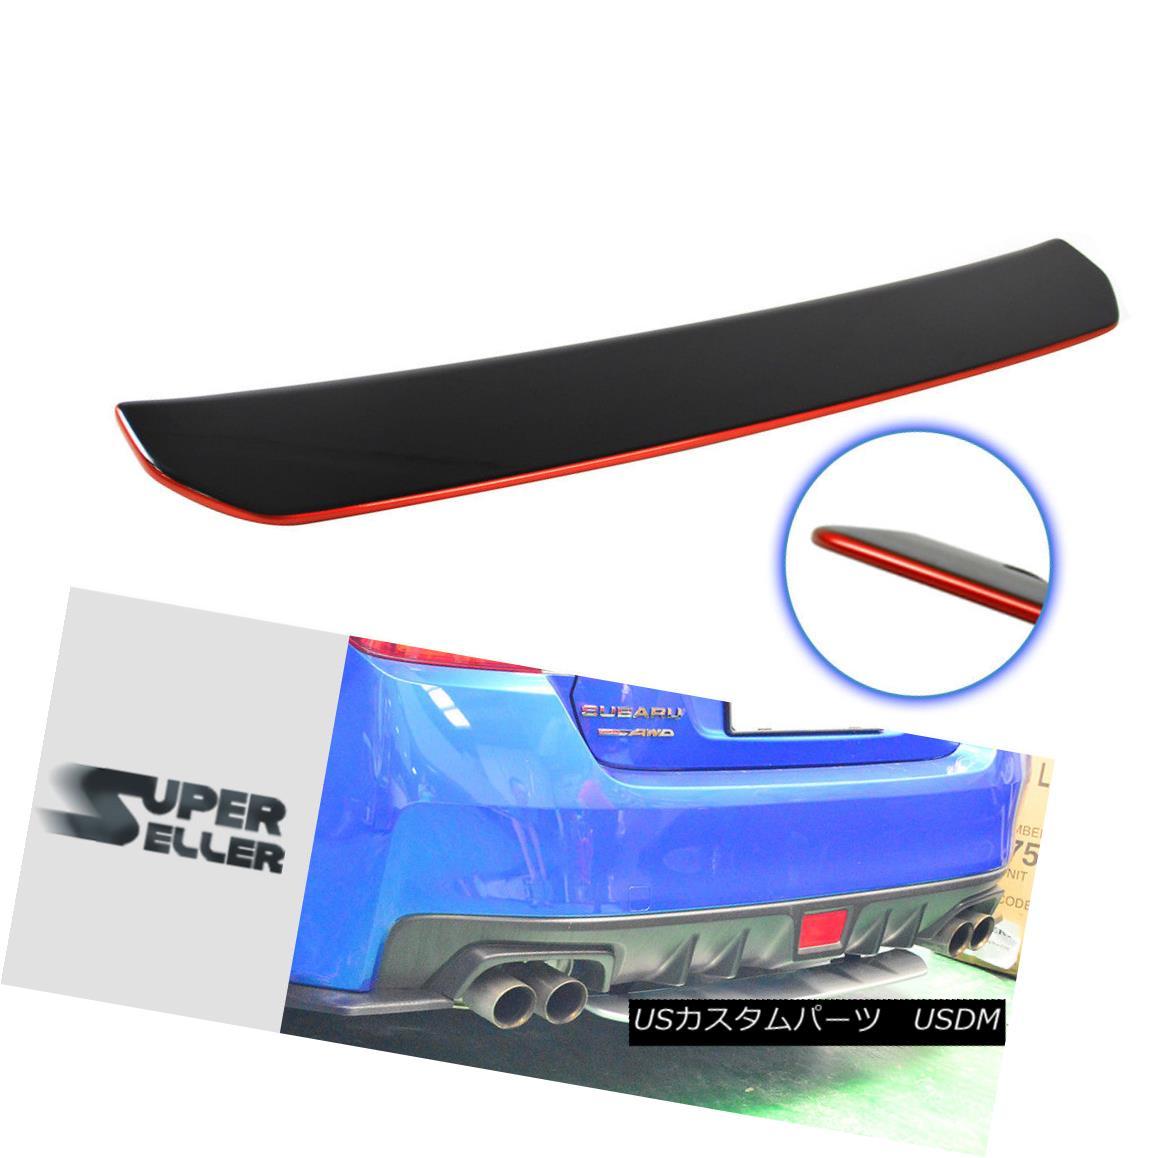 エアロパーツ Rear Diffuser Spoiler Wing Painted & Red Line For Subaru WRX 4th STI 4DR リアディフューザースポイラーウイングペイント& レッドライン、スバルWRX 4th STI 4DR